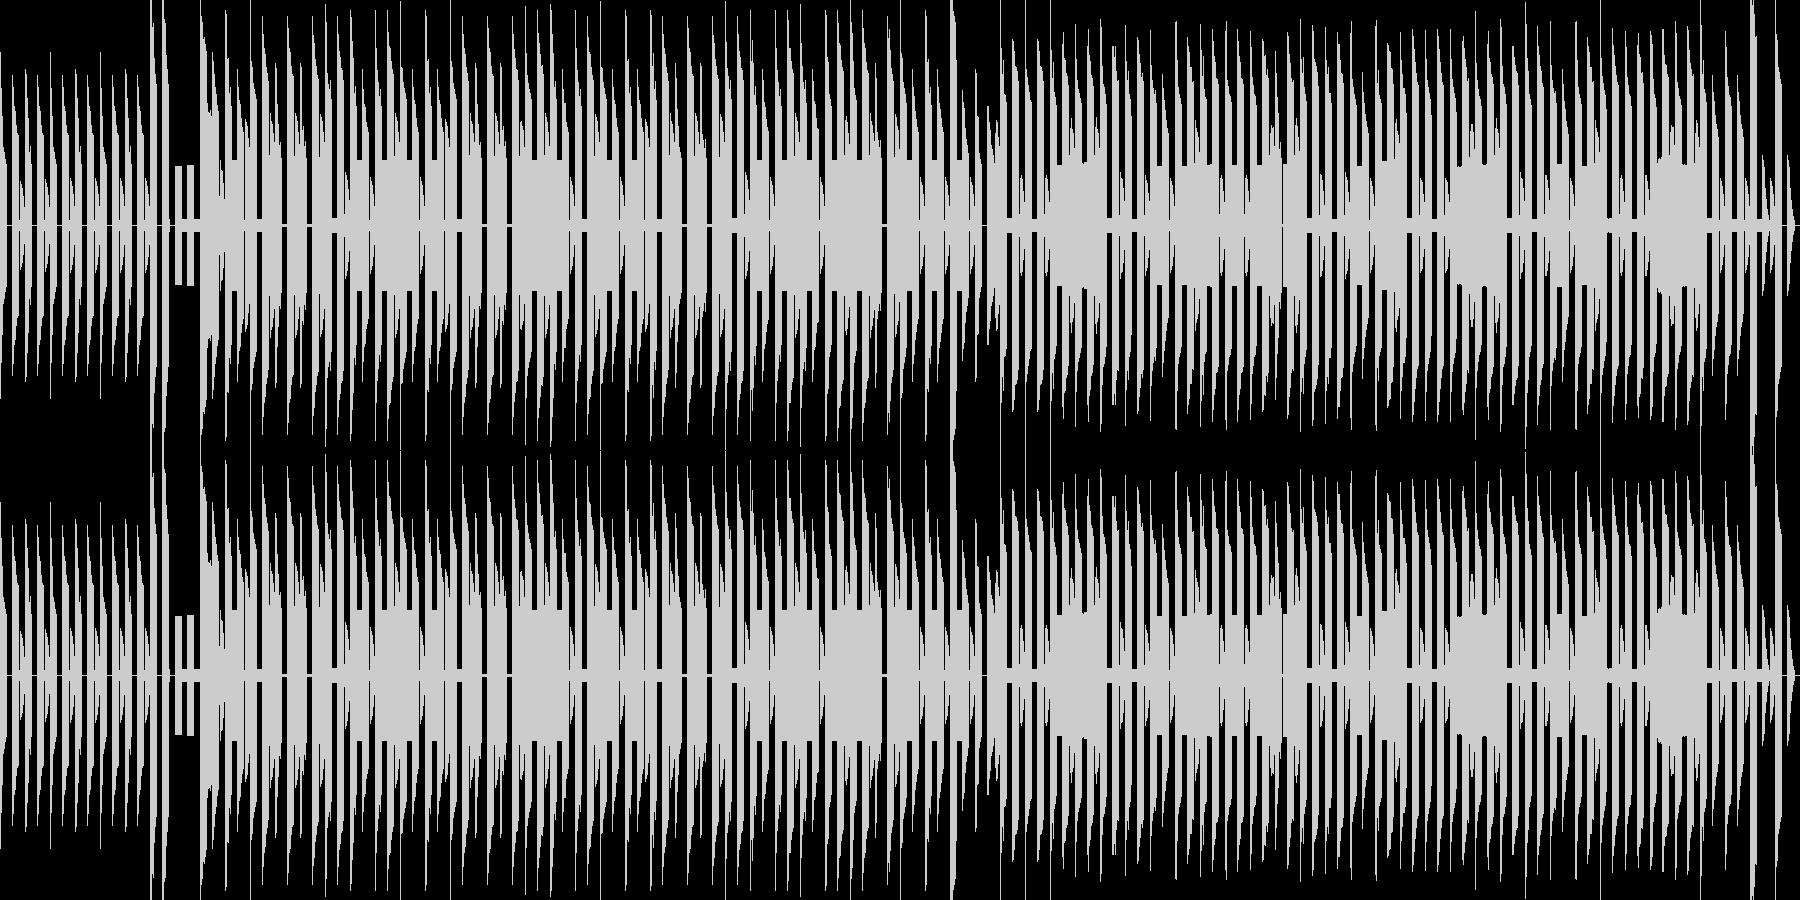 のどかな街のチップチューン風BGMの未再生の波形